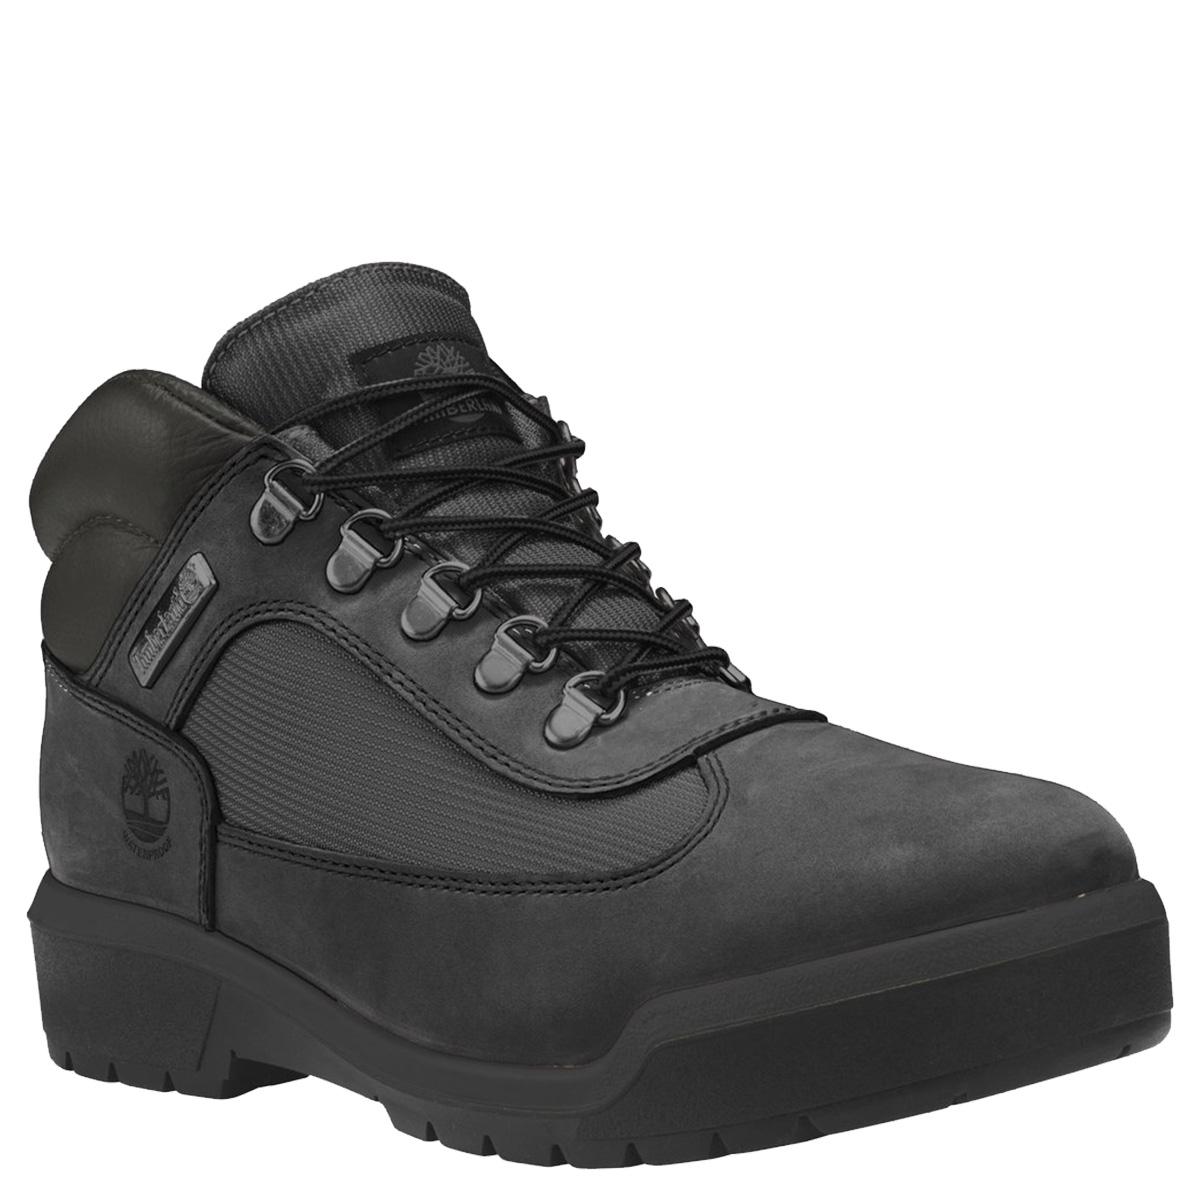 117d51cbd47 Timberland WATERPROOF FIELD BOOTS F/L Timberland boots men A1A12 D Wise  black [1810]